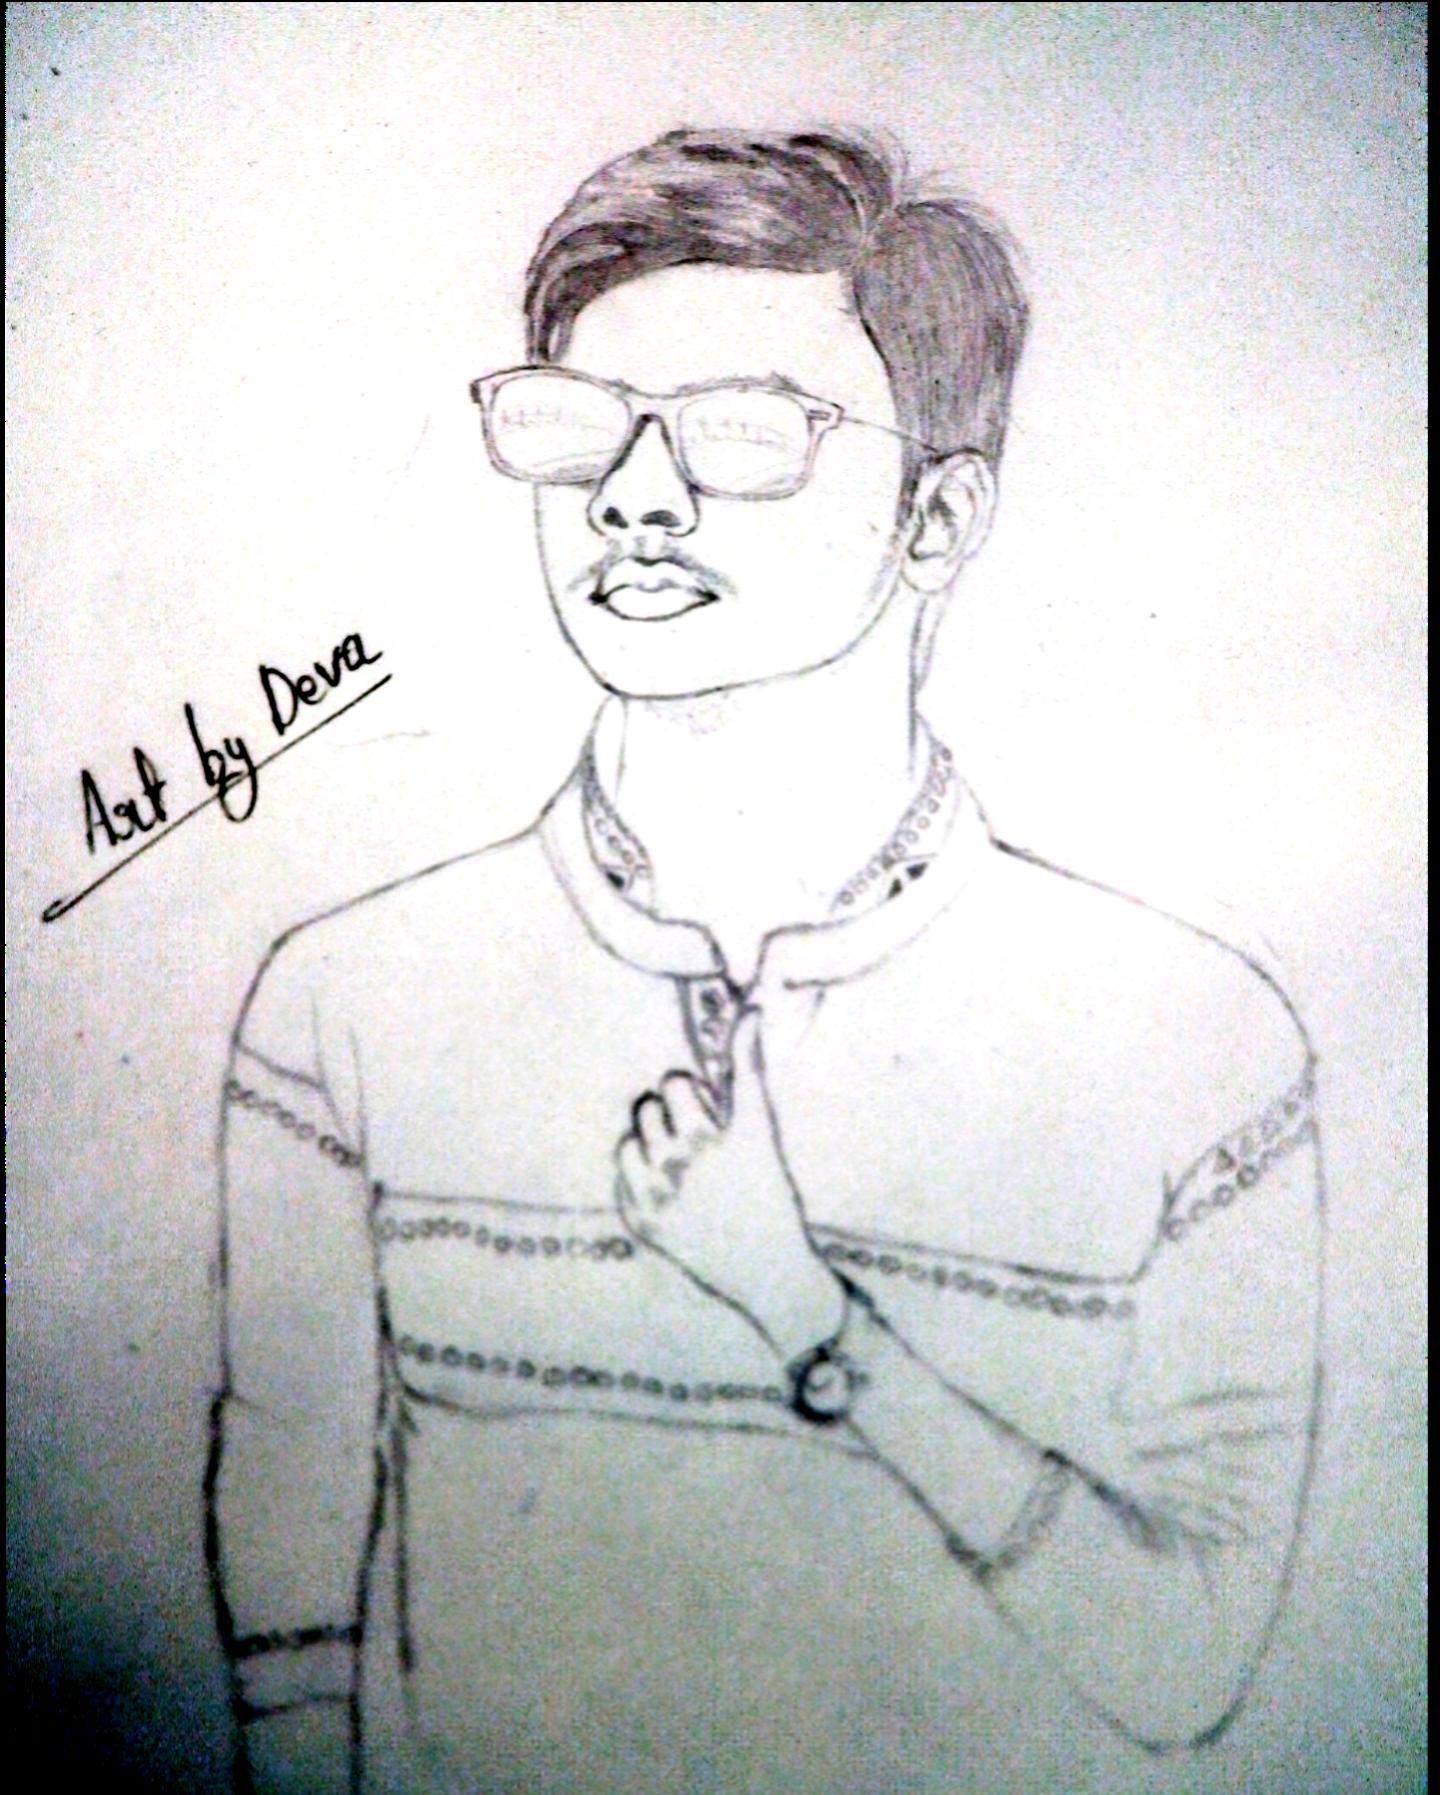 Sketch of Boy,sketch of smart boy,pencil drawing of boy,drawing of boy,pencil drawing of standing boy, pencil sketch of boy, sketch drawing of boy, sketch drawing of smart boy,sketch boy